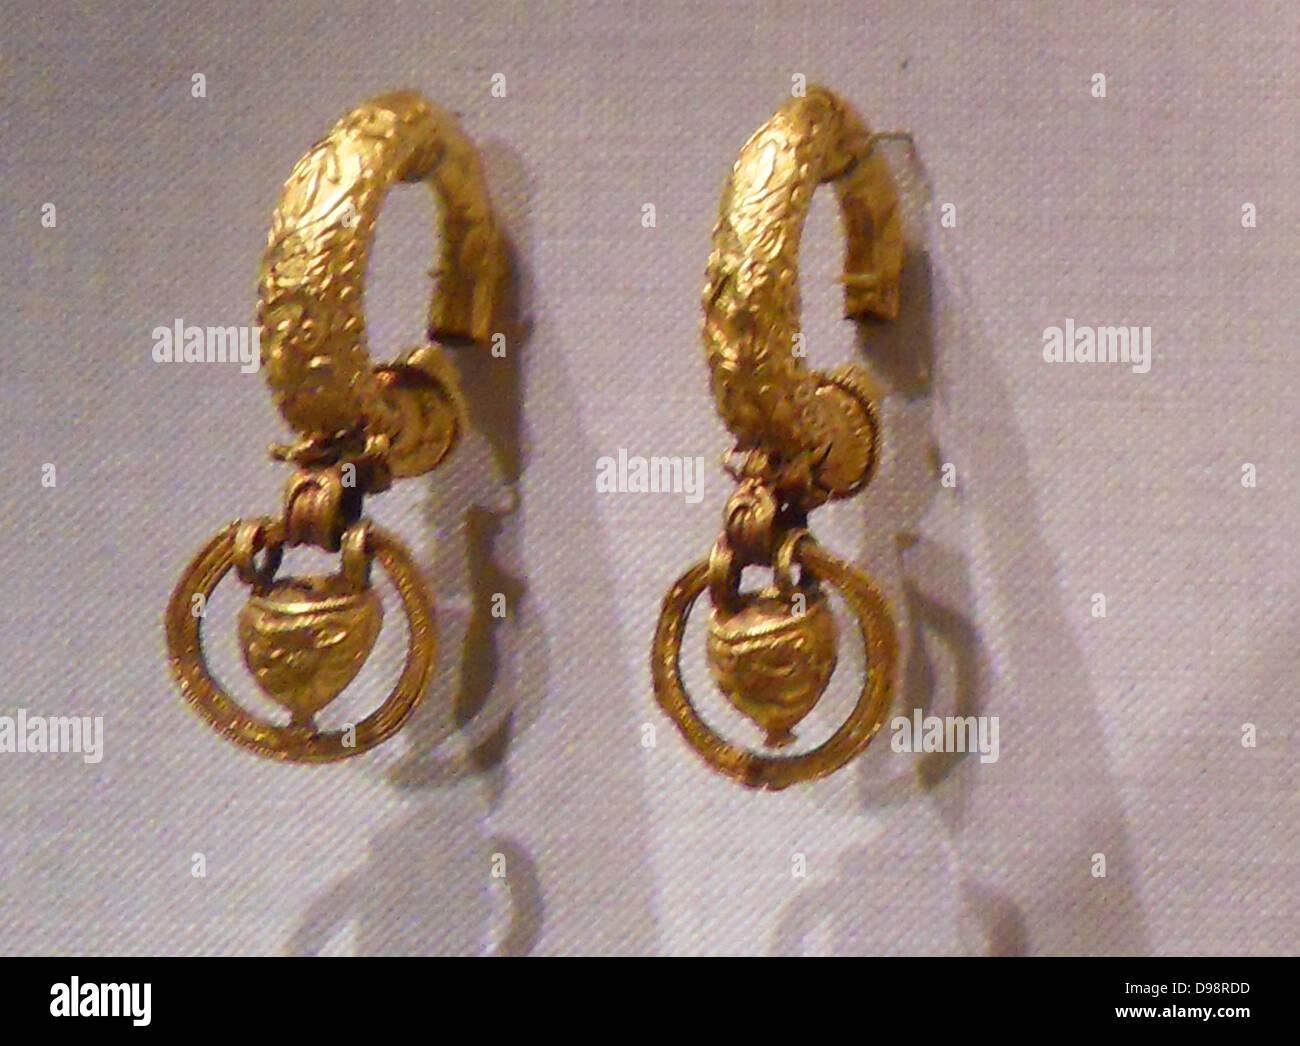 Boucles d'or étrusque datant du 4ème siècle avant J.-C. 3° Photo Stock